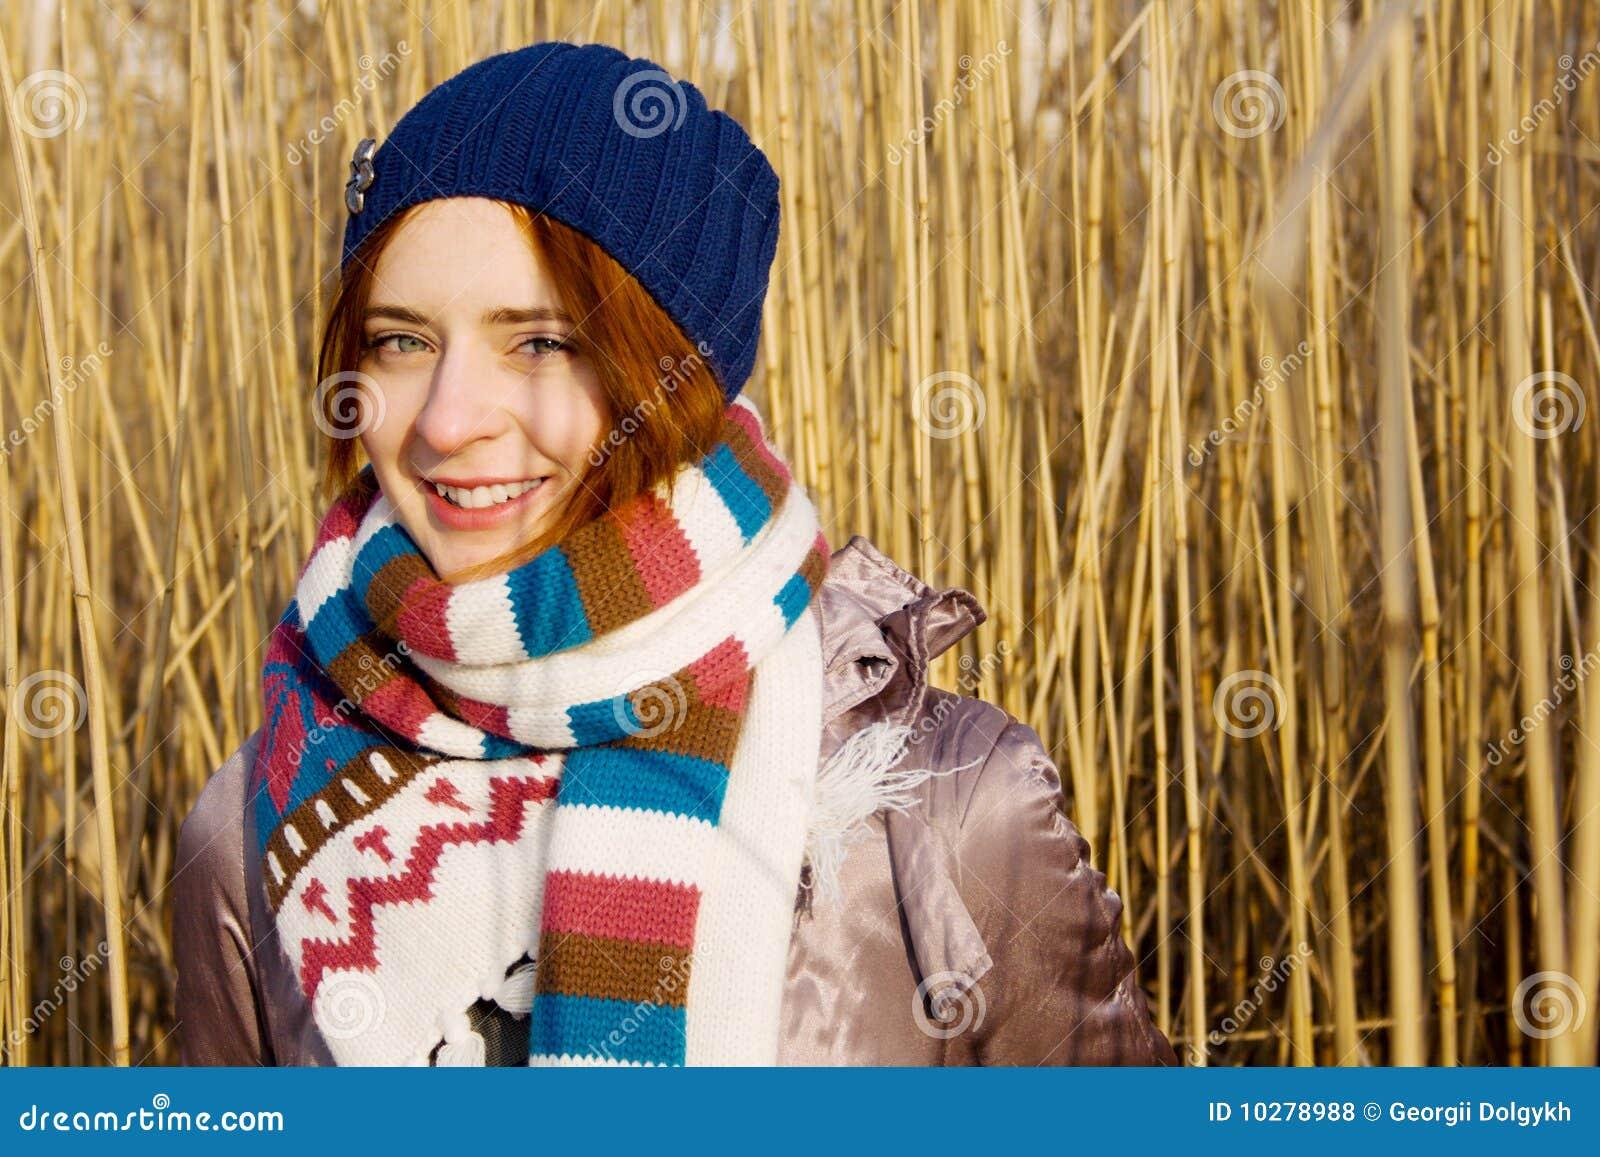 Pretty girl in a warm scarf